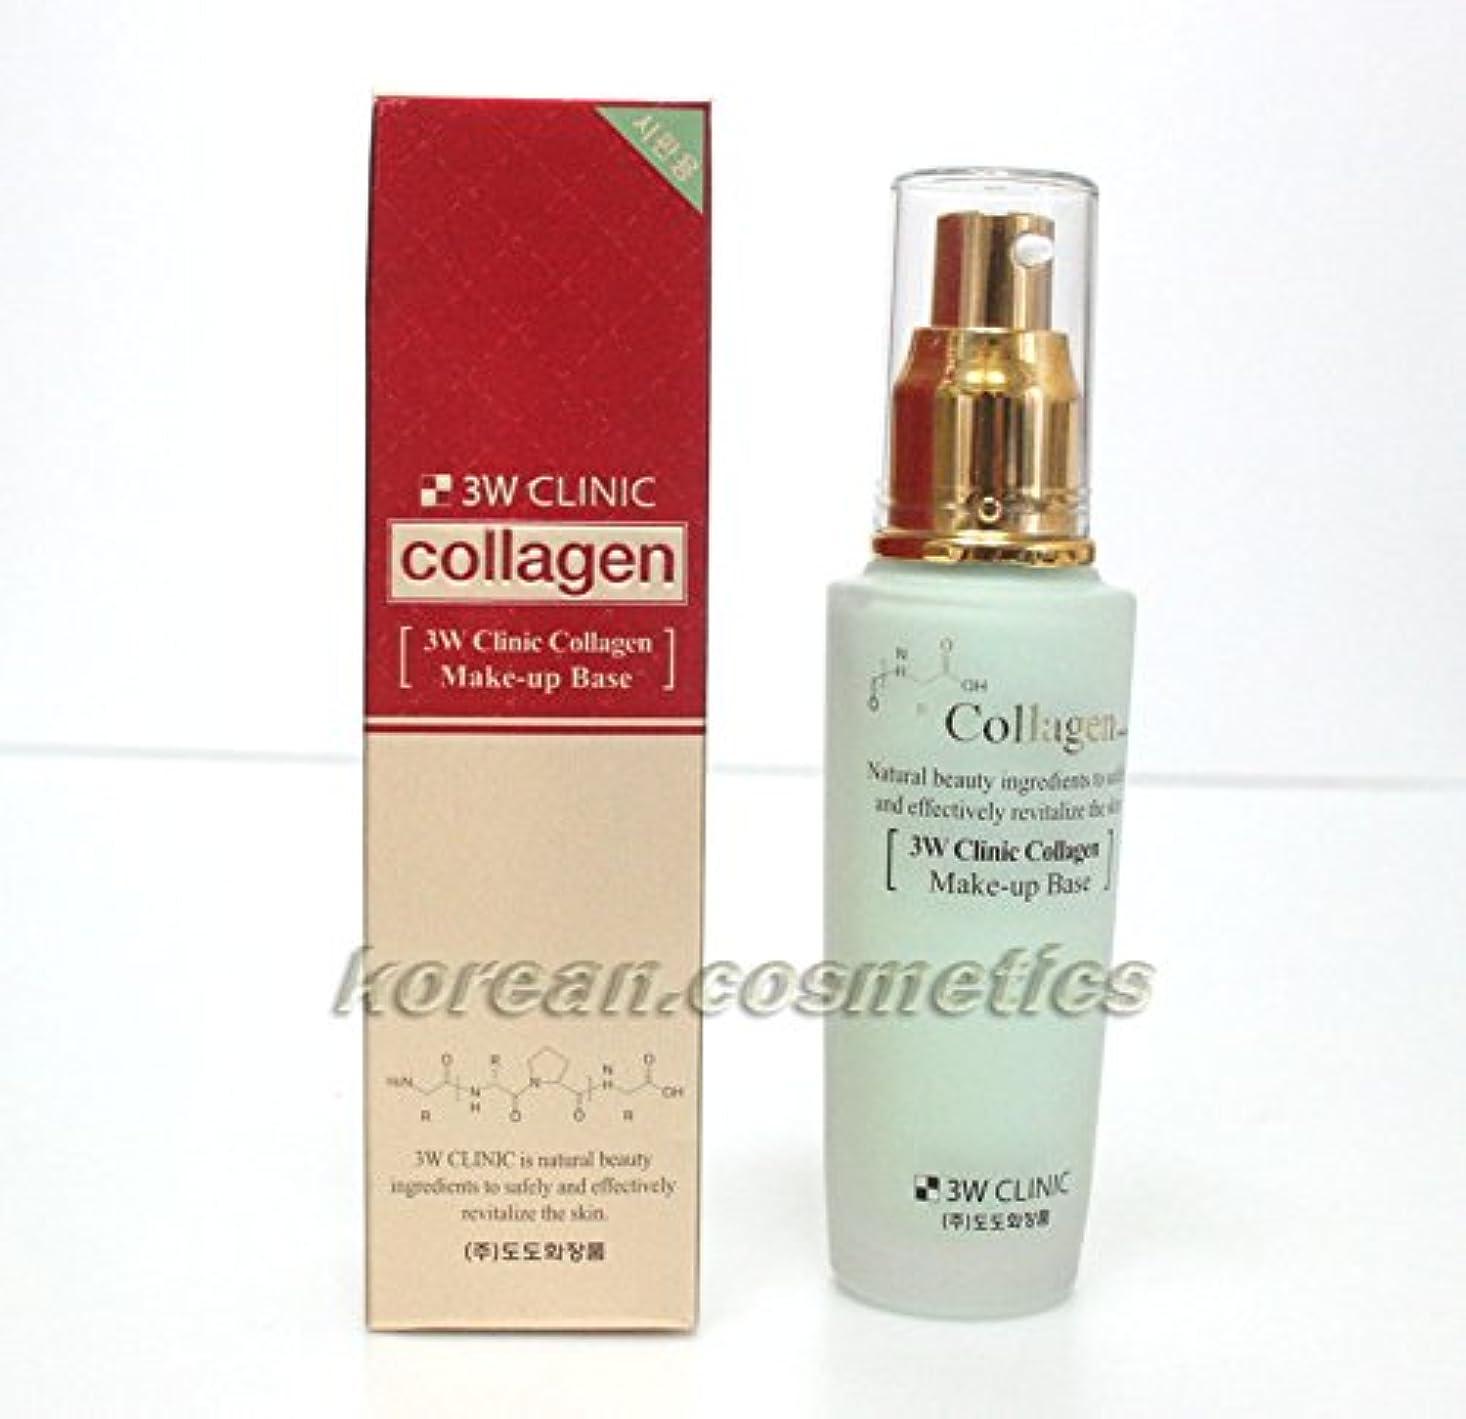 バイアスおんどり重要性[3w Clinic] コラーゲンメイクアップベースクリーム50ml / Collagen Make-up Base 50ml / プライマー皮脂コントロール / Primer Sebum Control / 韓国化粧品 / Korean Cosmetics [並行輸入品]